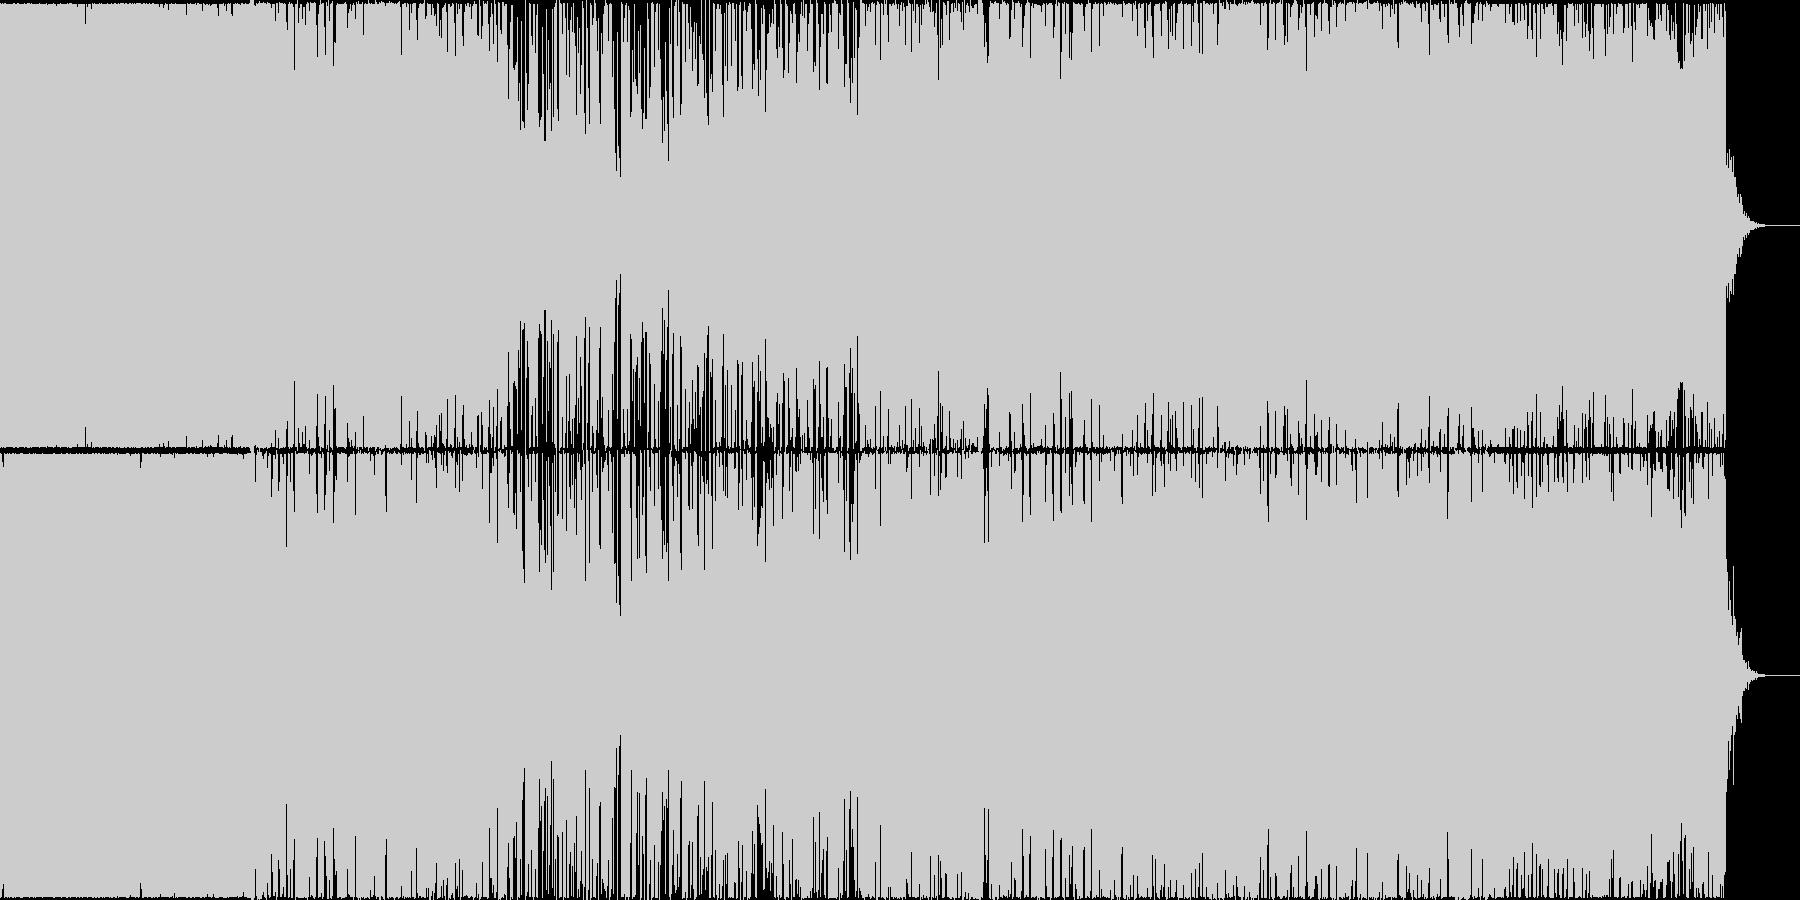 哀愁感漂うピアノのメロディーの未再生の波形